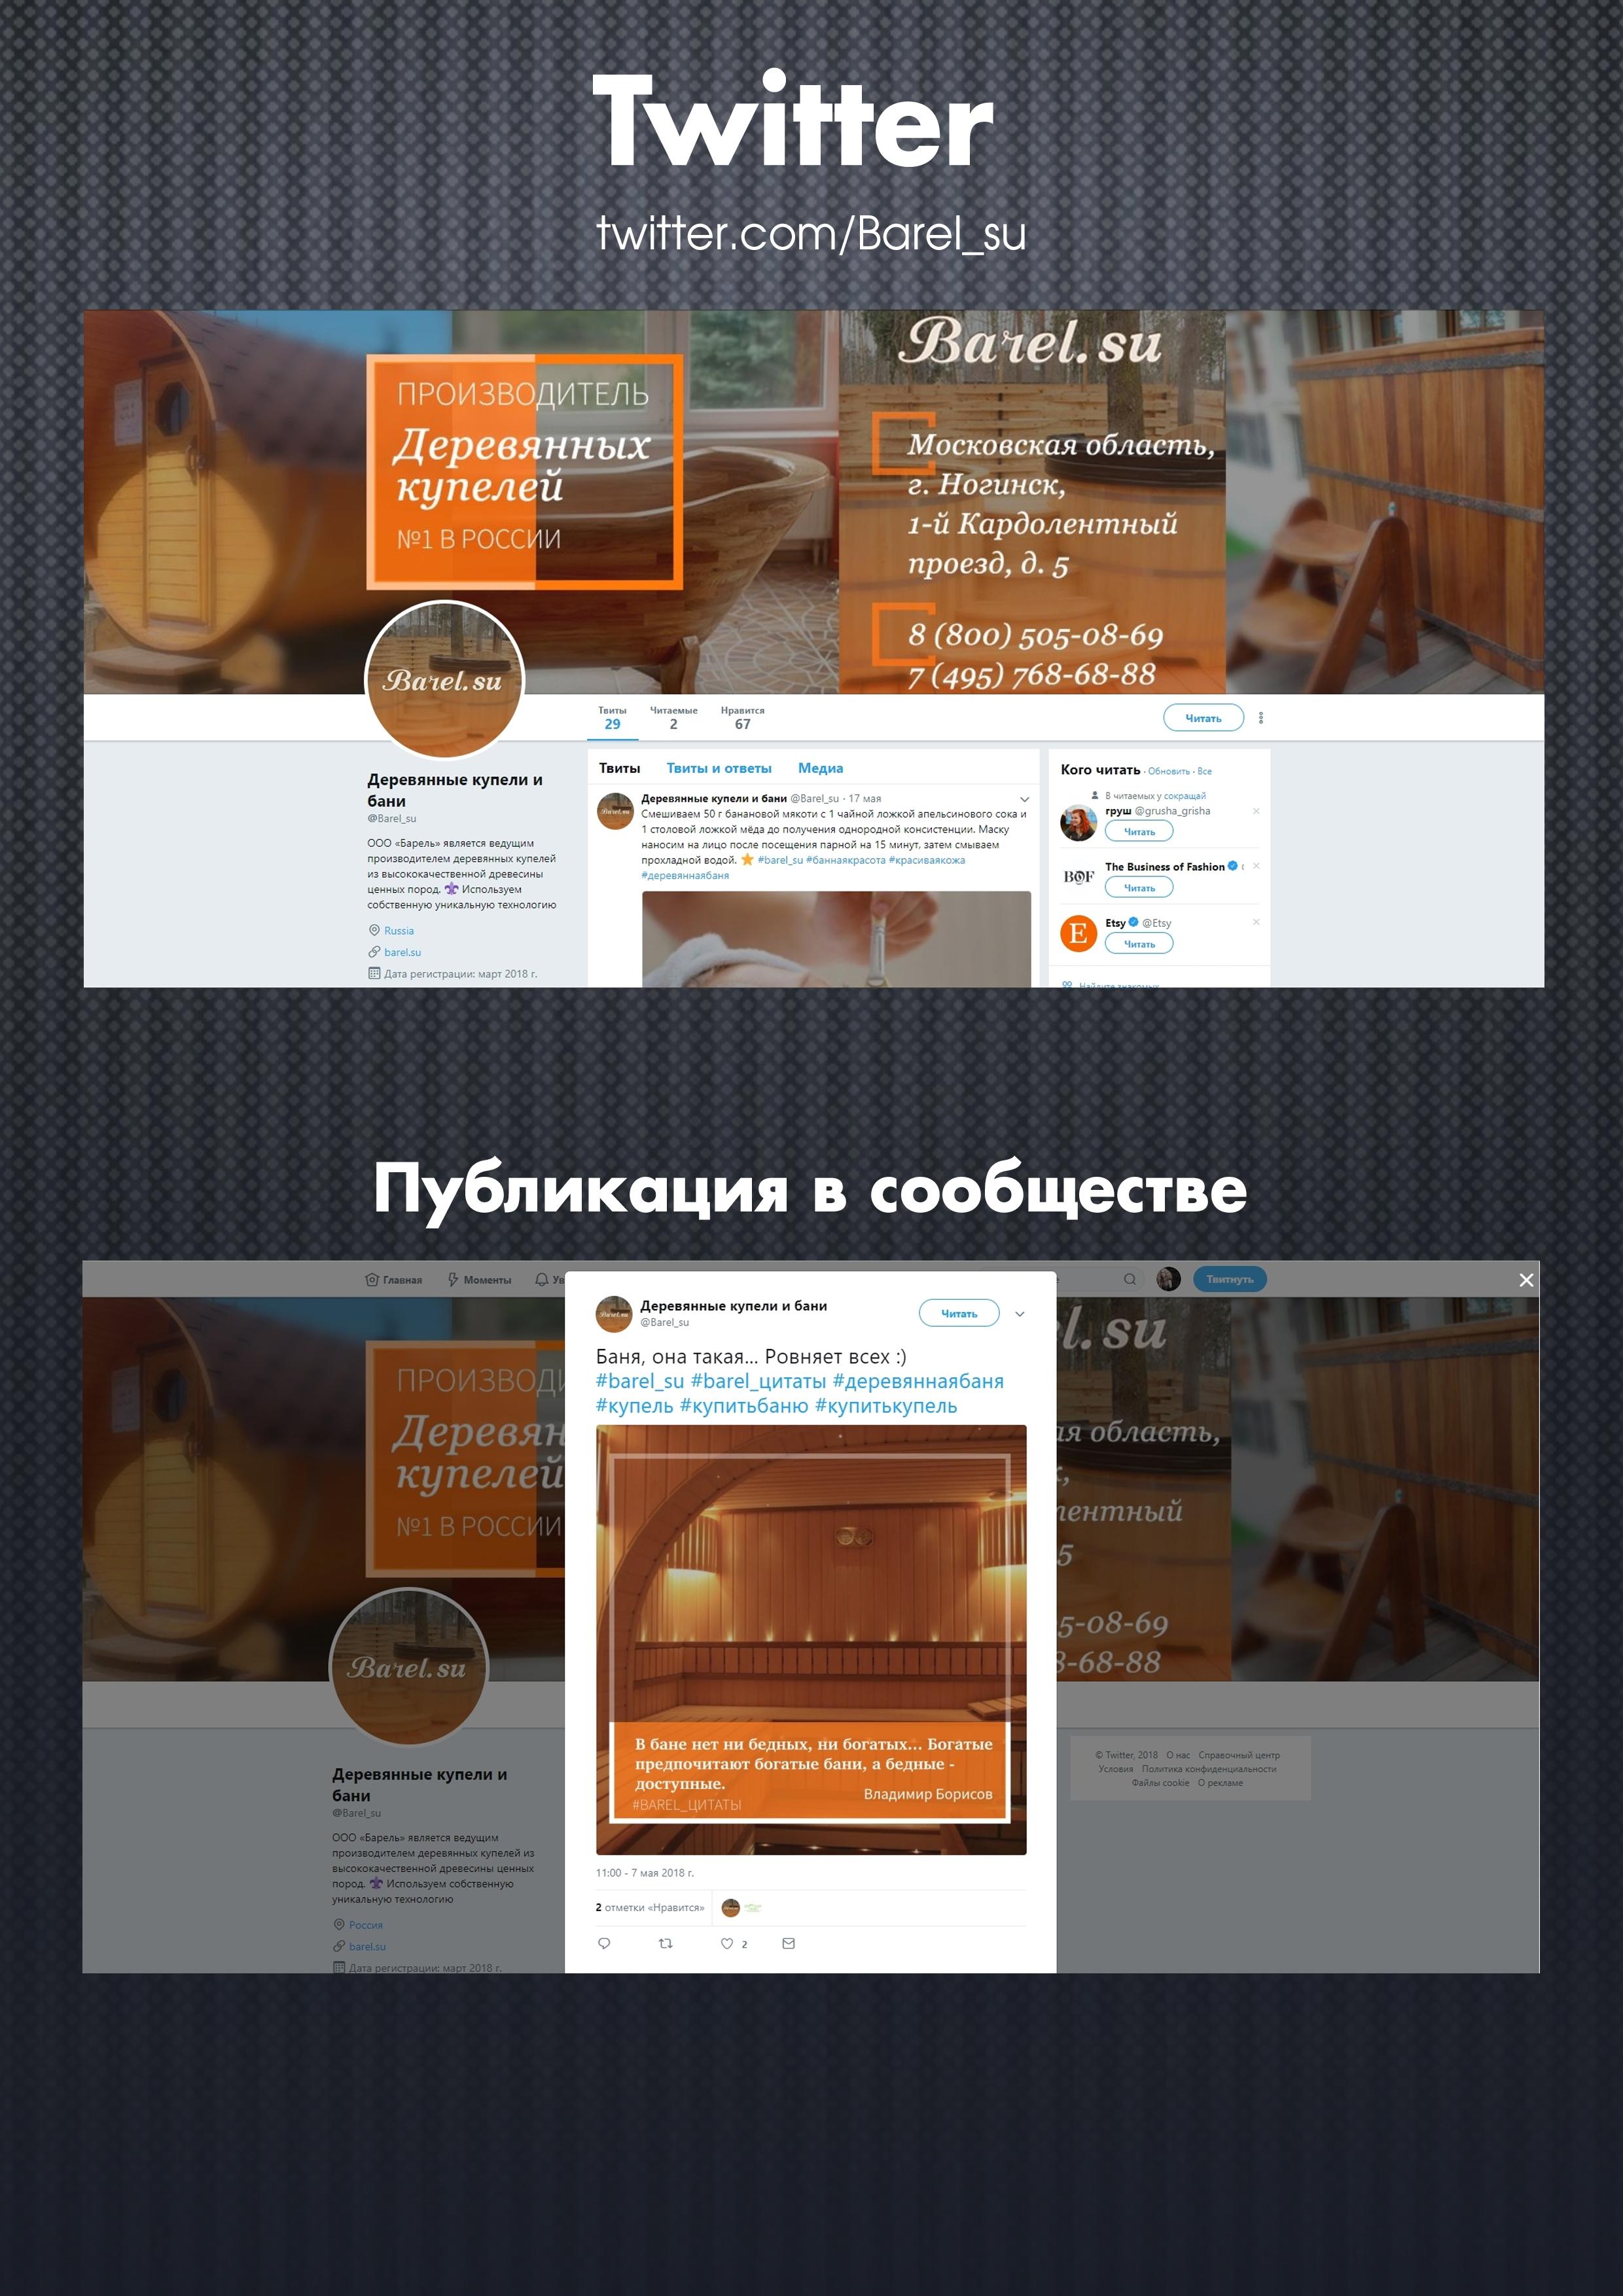 Производитель деревянных купелей / Twitter